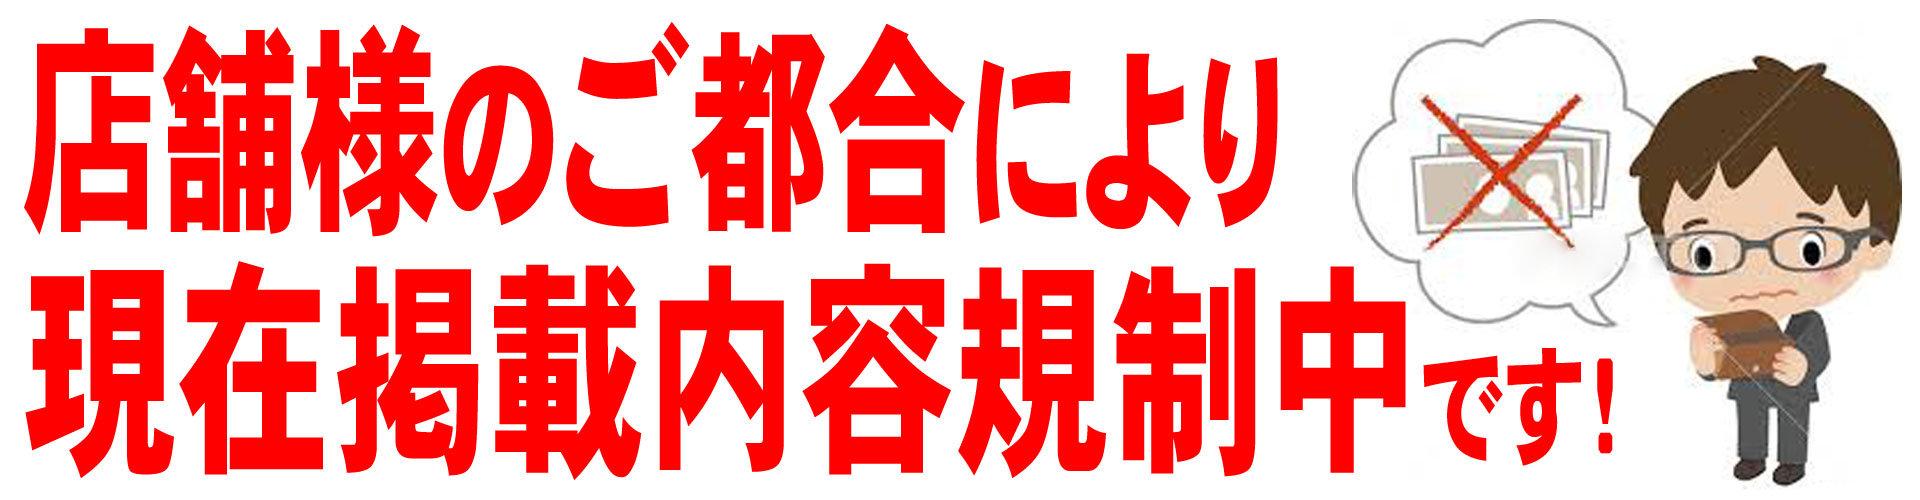 【イズミ】中川尾頭橋